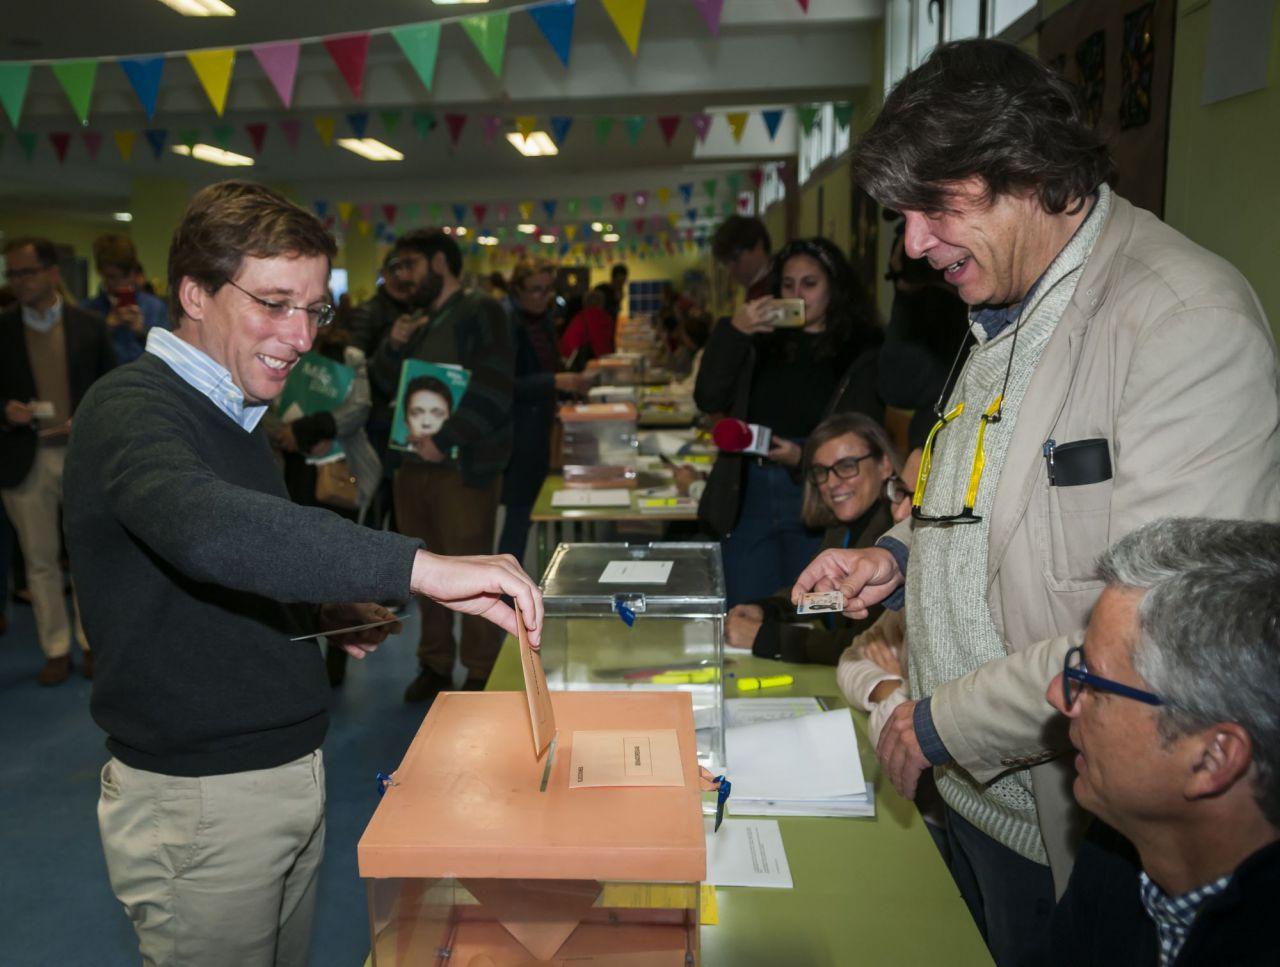 El alcalde de Madrid, José Luis Martínez-Almeida ha madrugado para votar a las 9:15 en el Colegio  Ortega y Gasset